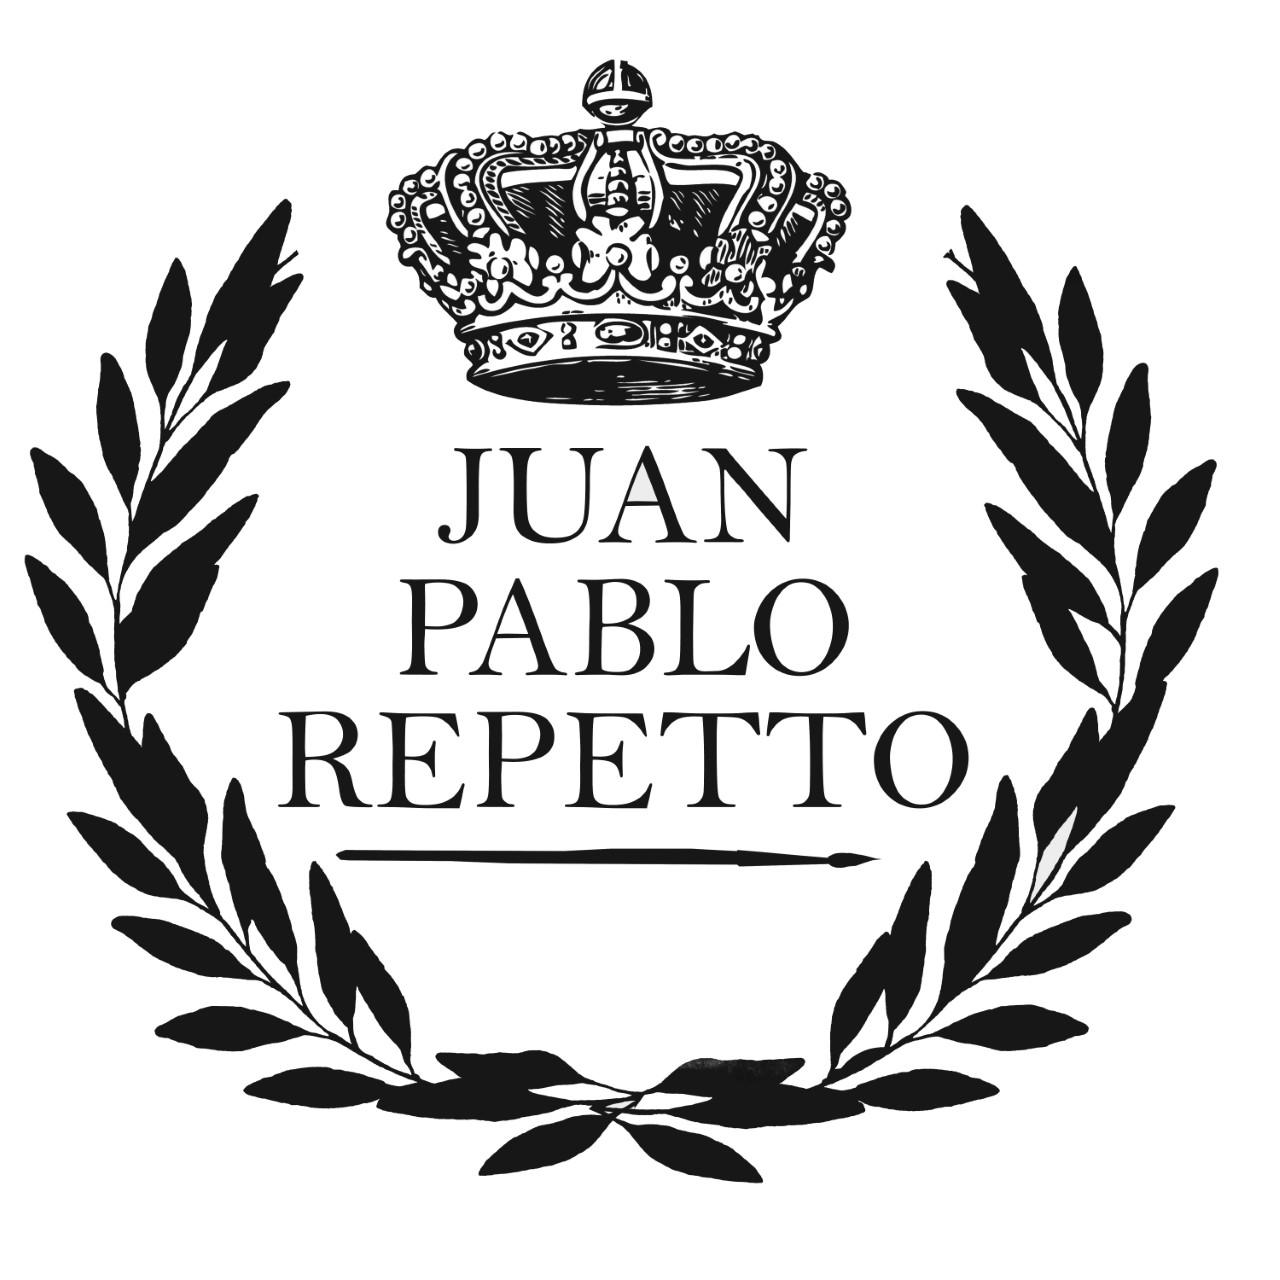 JUAN PABLO REPETTO